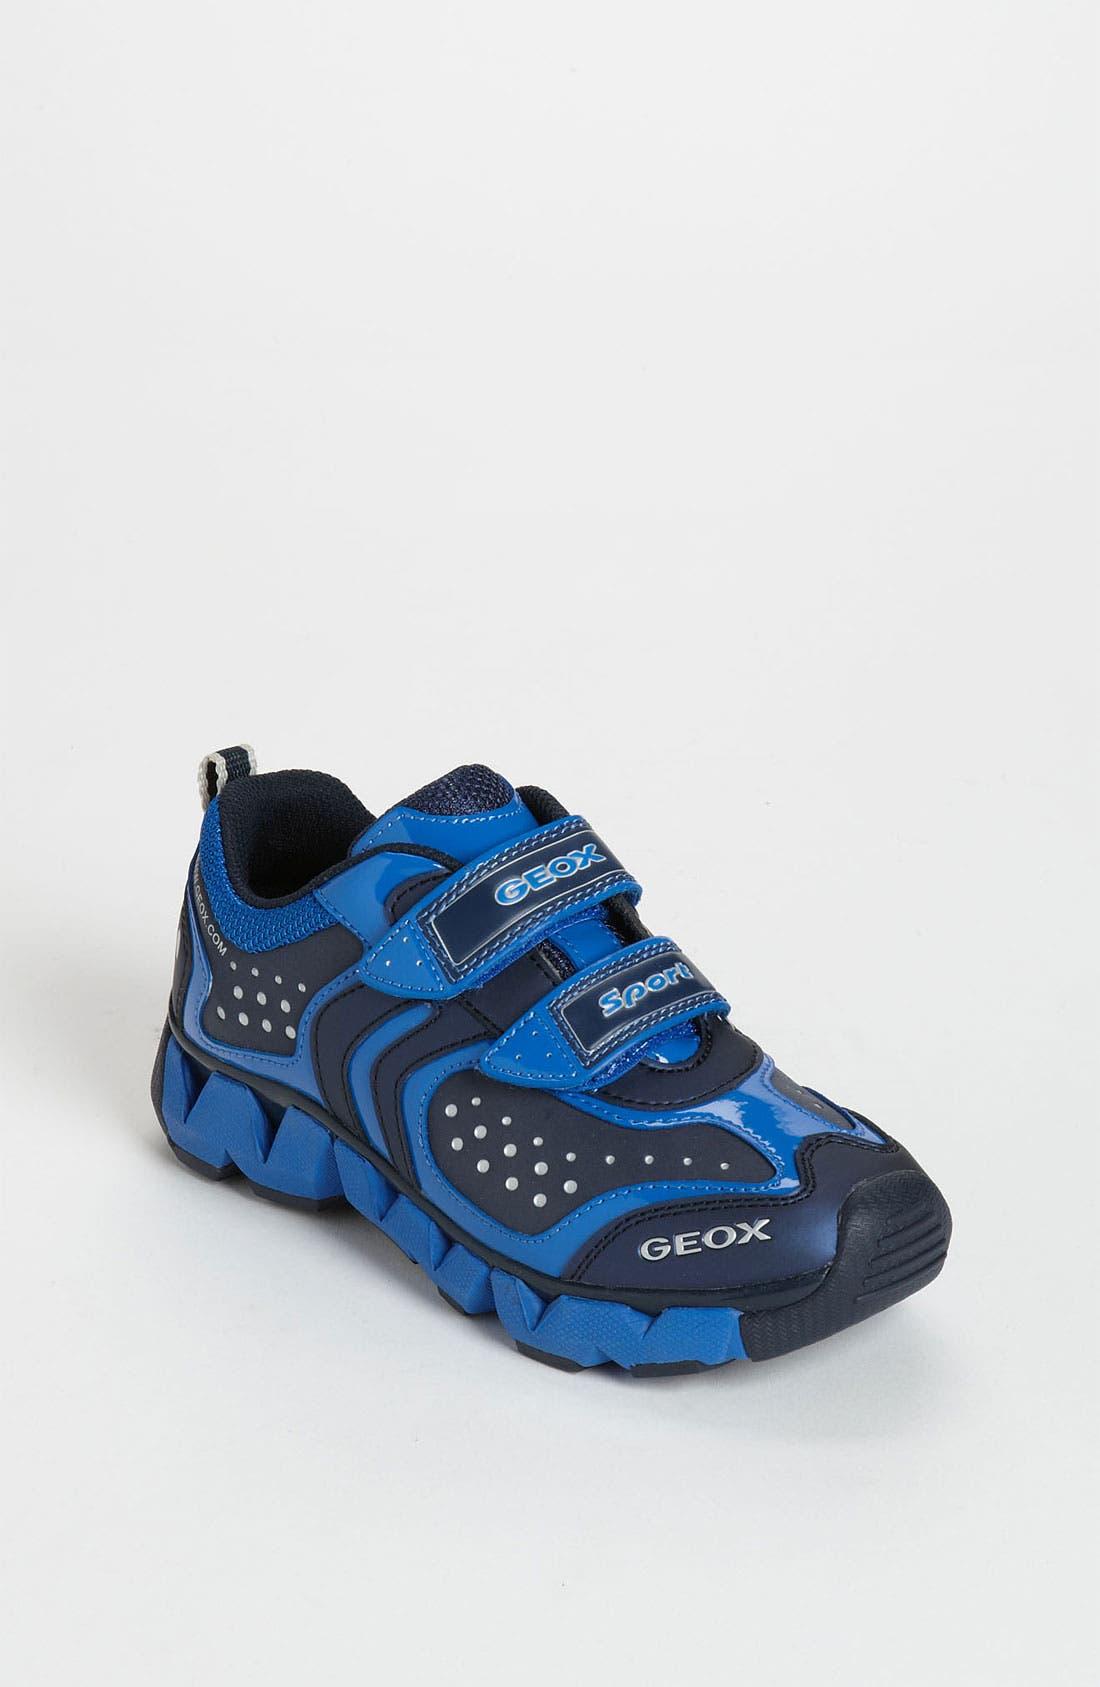 Alternate Image 1 Selected - Geox 'J Rumble' Sneaker (Toddler, Little Kid & Big Kid)